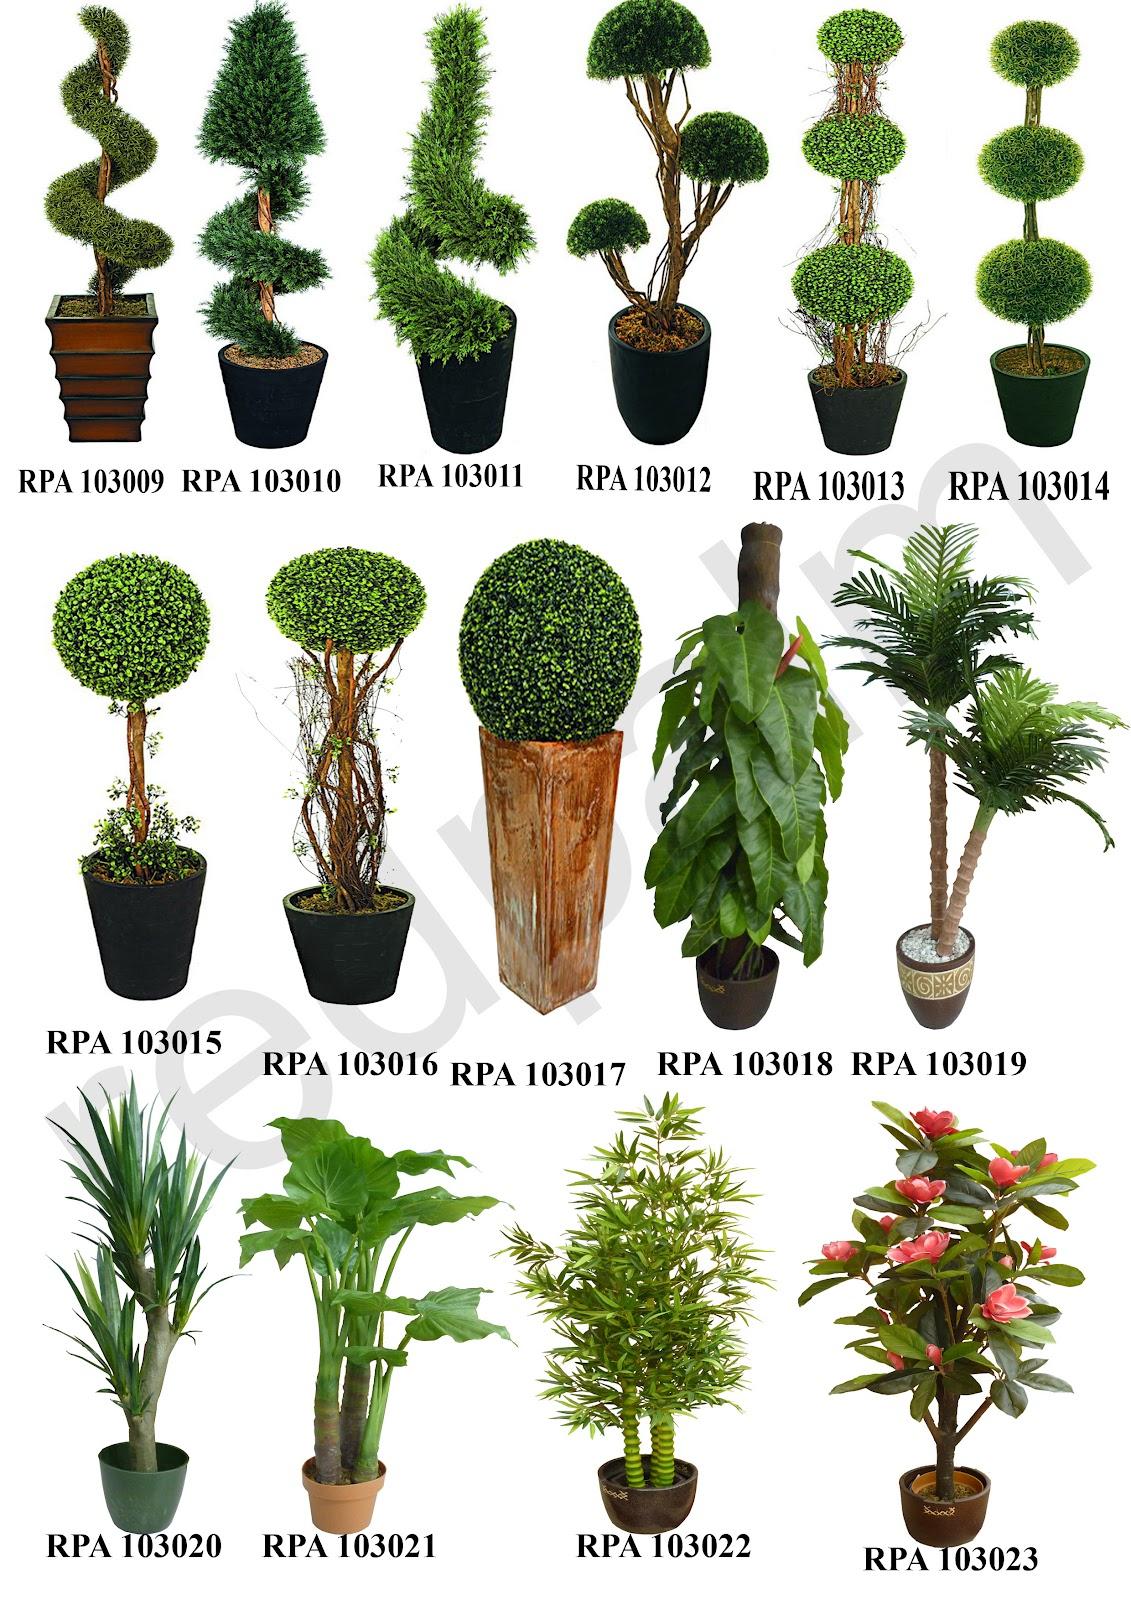 katalog tanaman dan pohon red palm terbaru